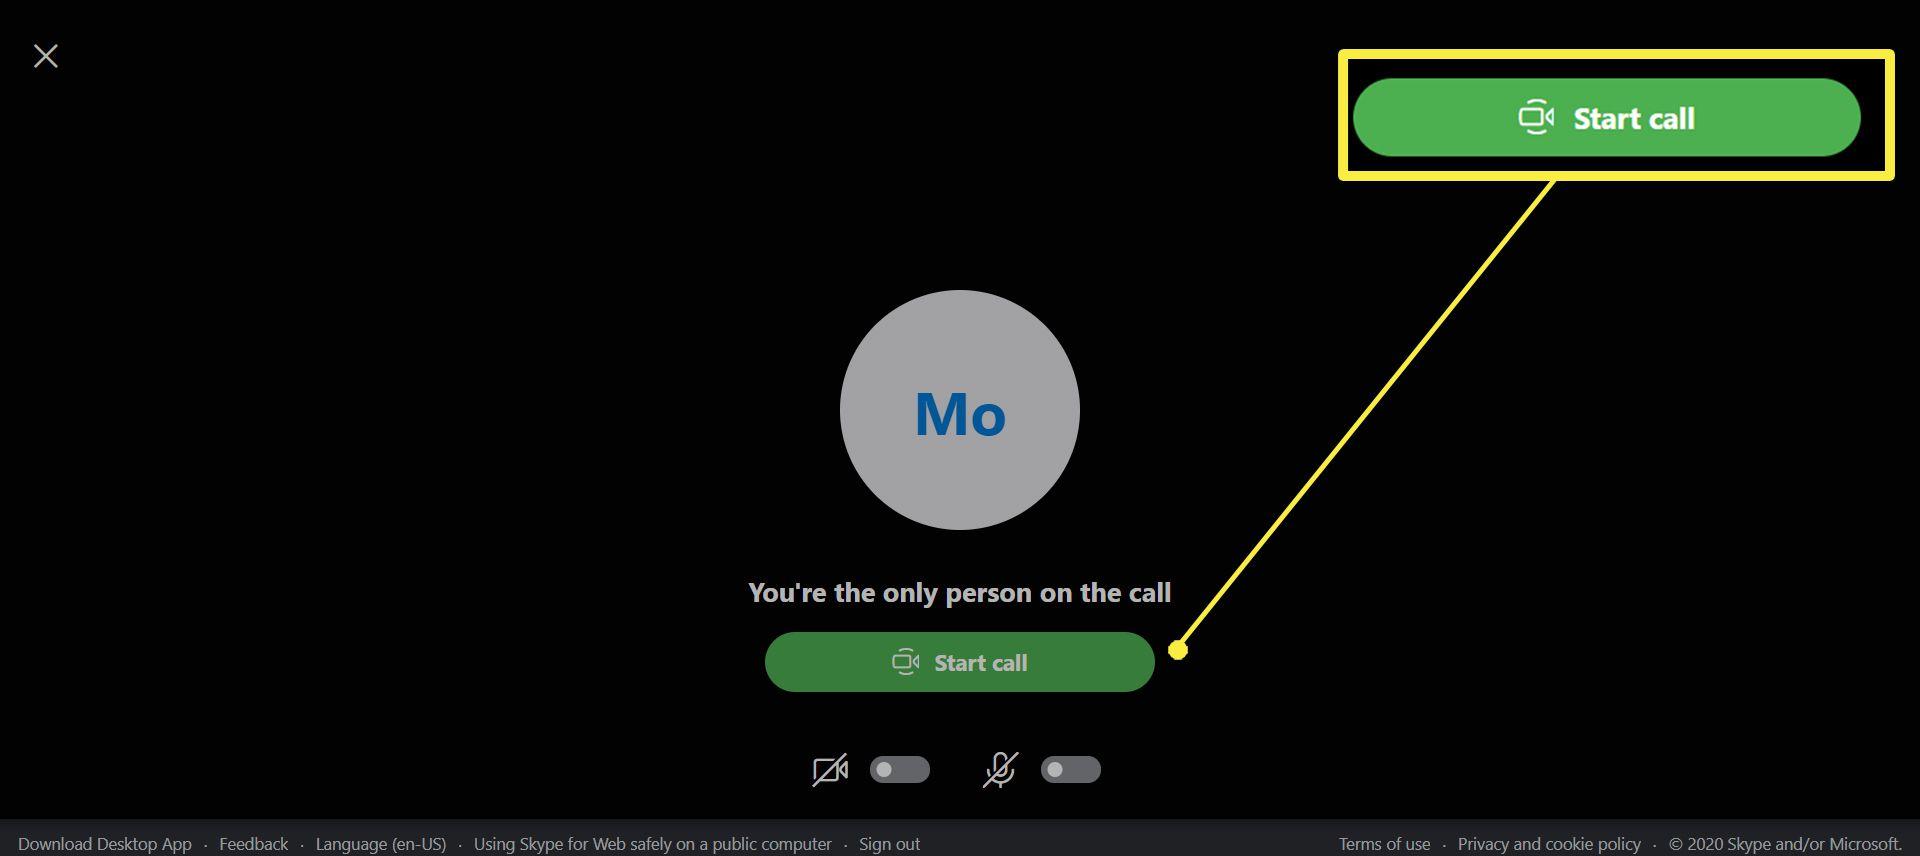 Starting a Skype Meet Now Call.